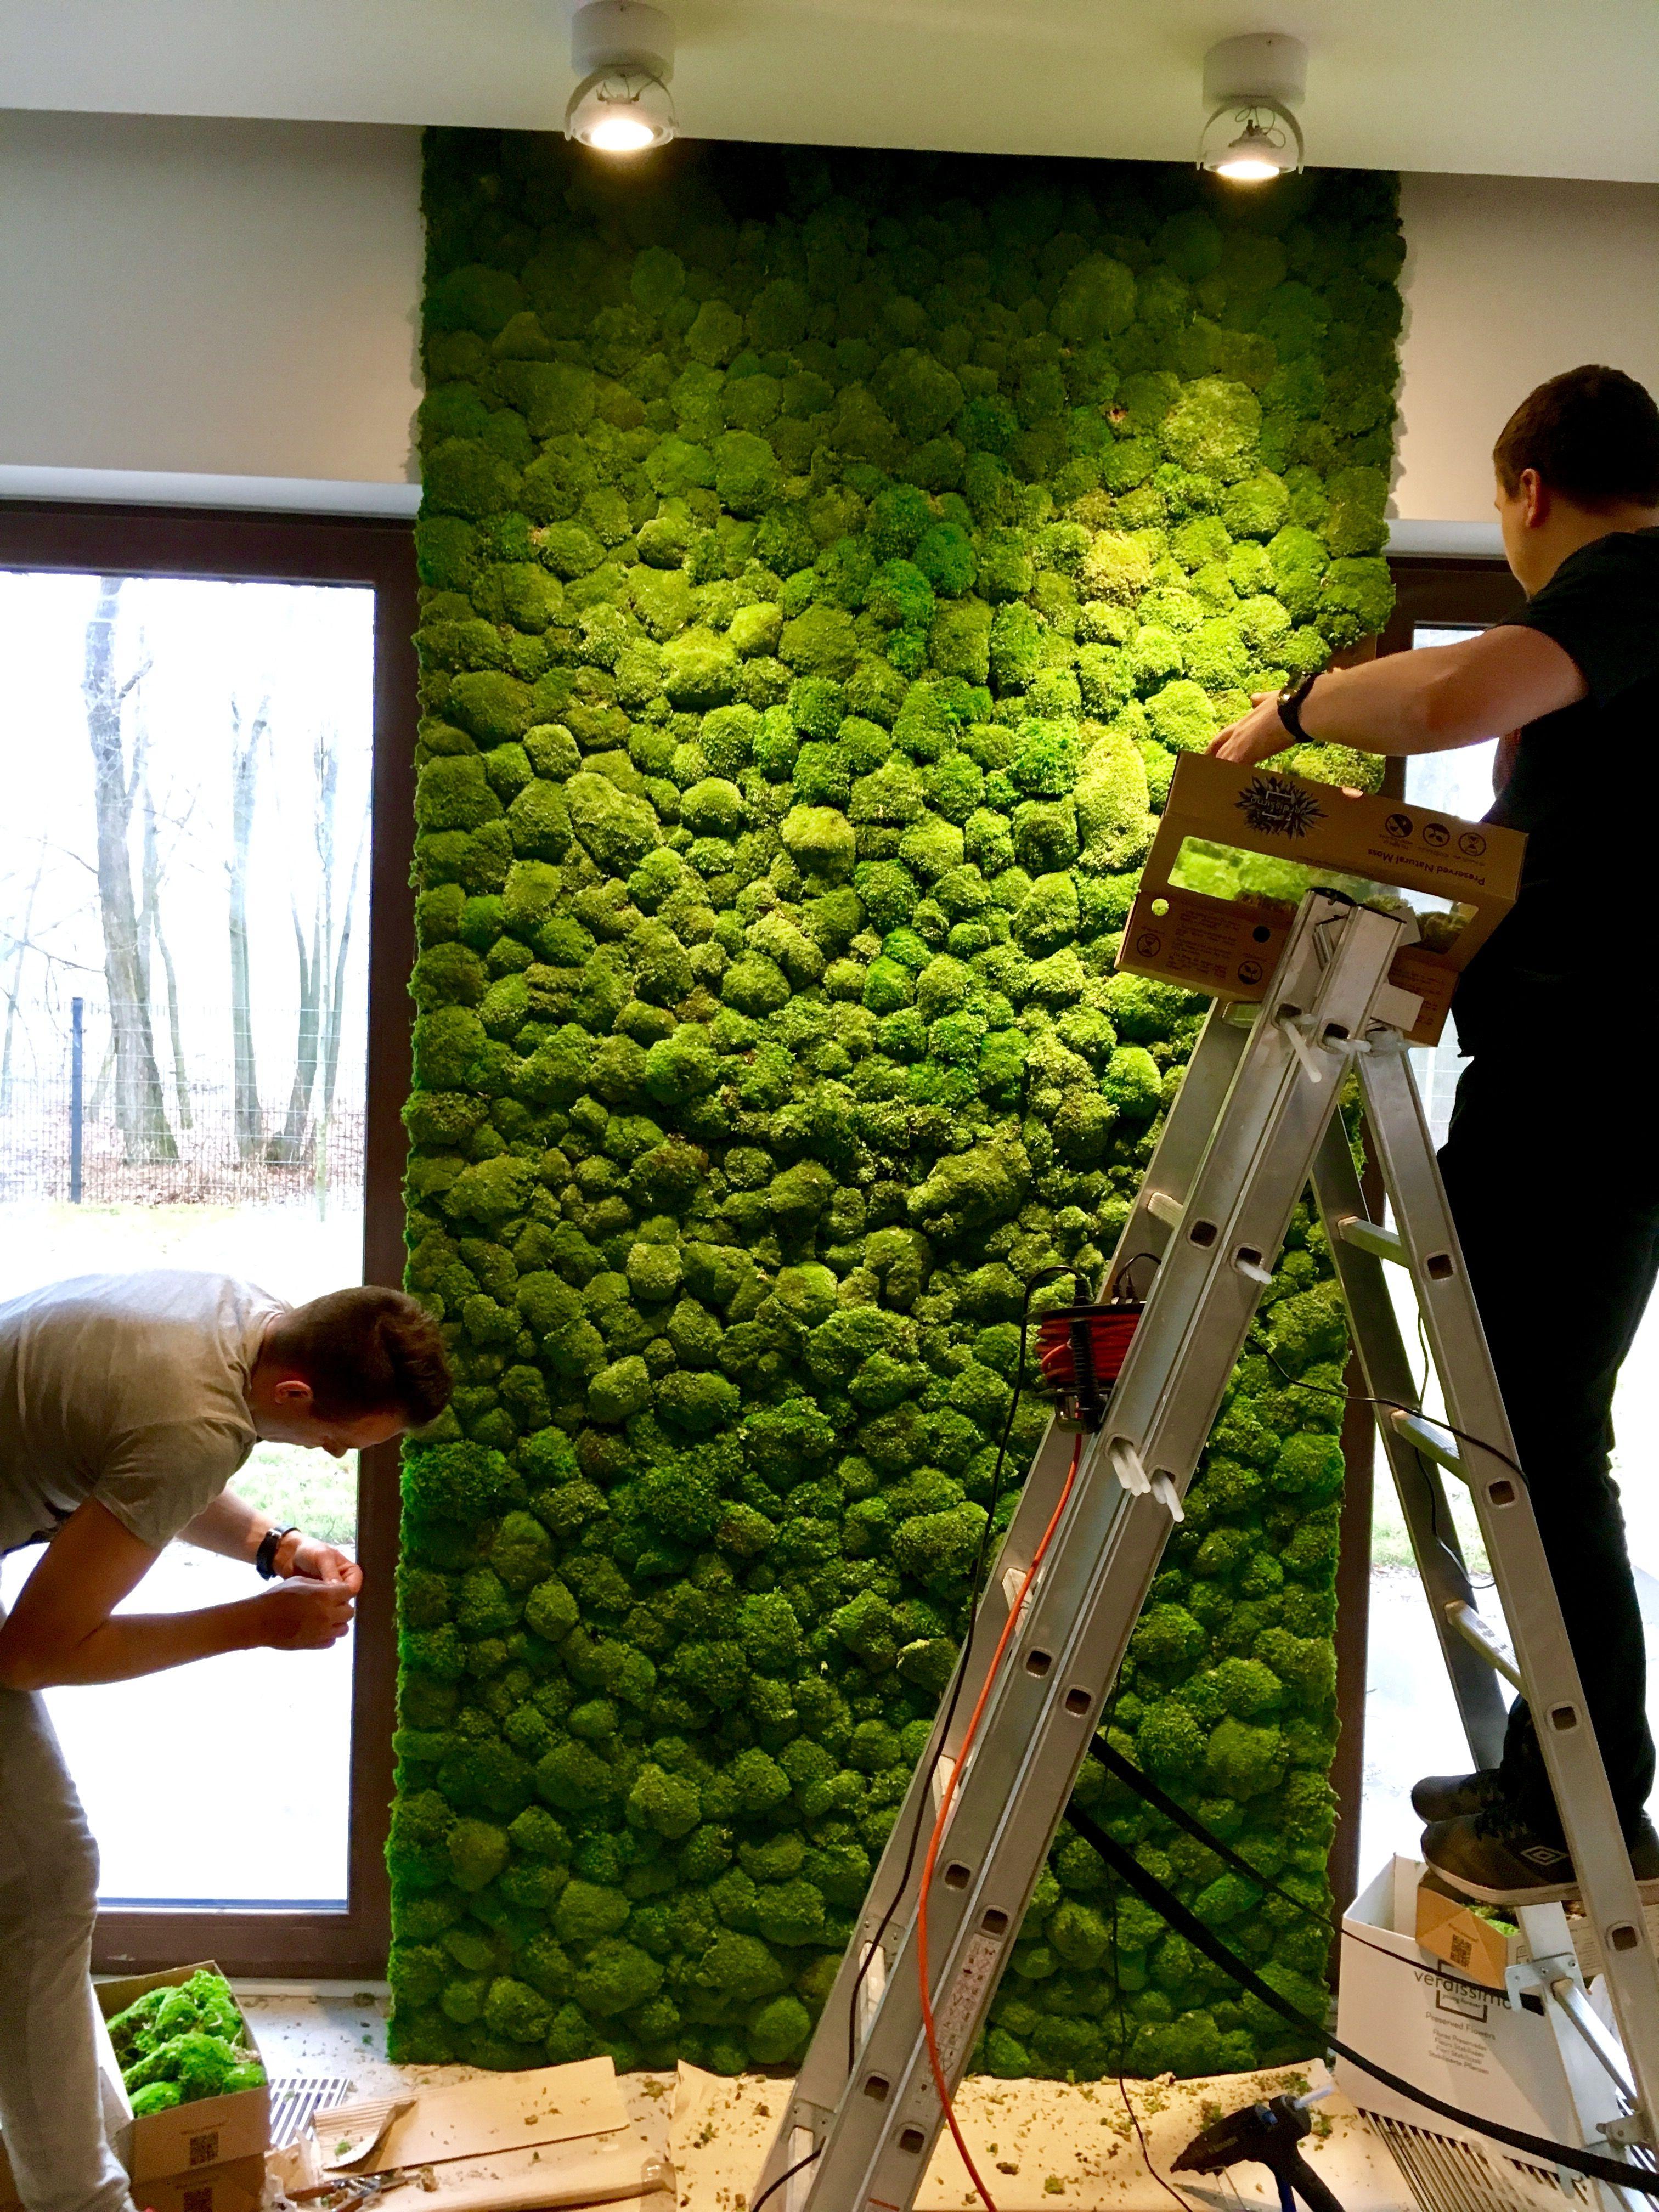 Pin by signature vegetale on murs u tableaux végétaux pinterest